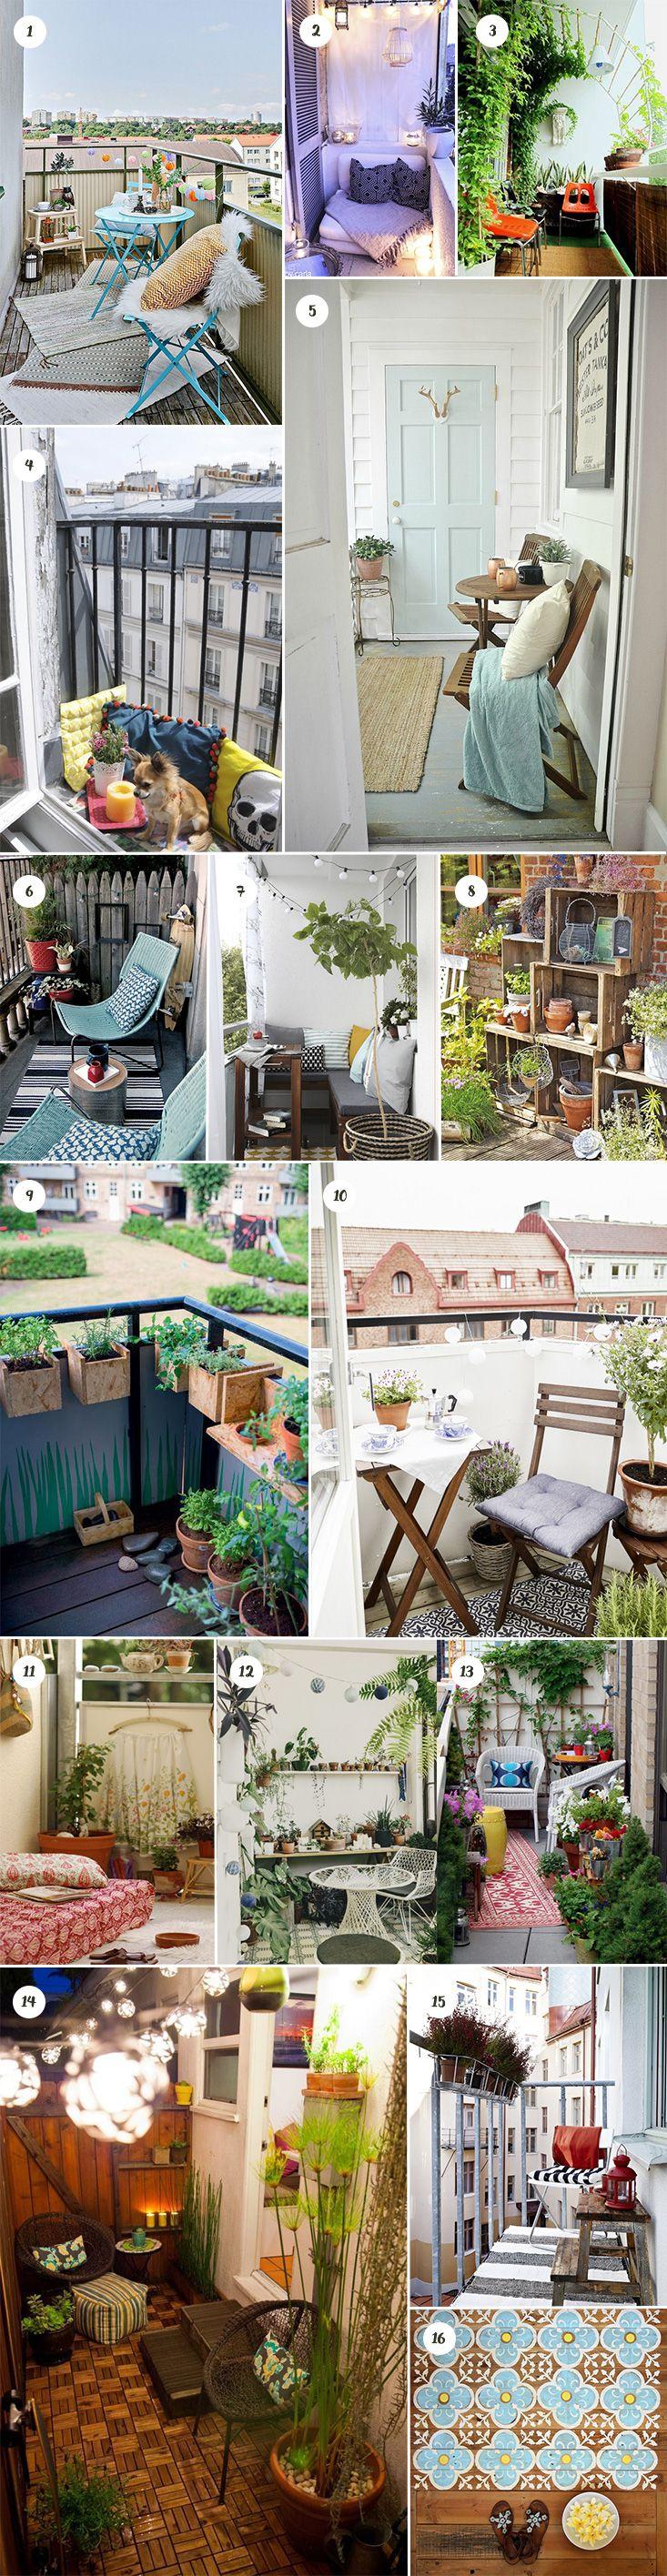 Les 25 Meilleures Id Es De La Cat Gorie Petit Balcon Sur Pinterest Jardin De Petit De Balcon